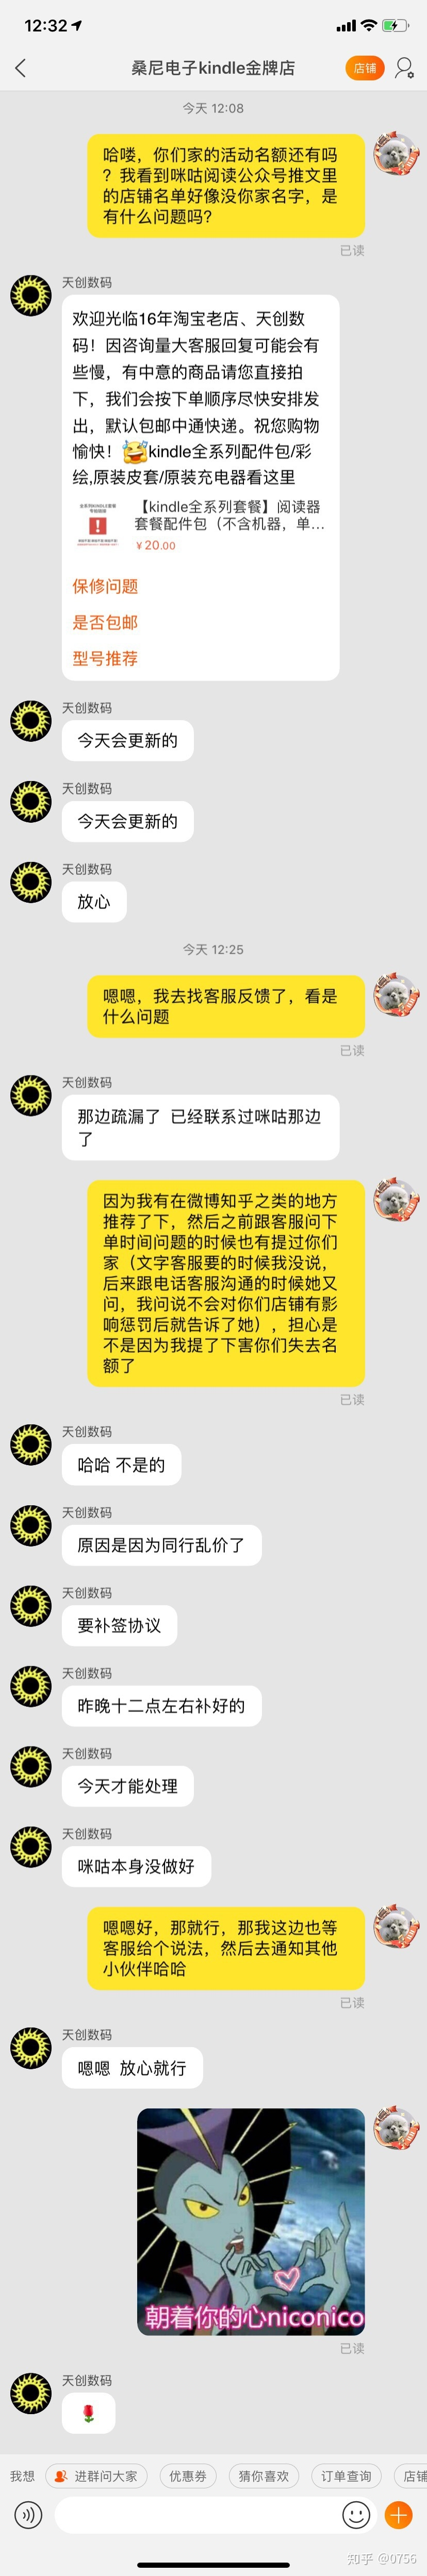 """淘宝人工客服电话是_如何看待中国移动咪咕最新推出的""""天天爱阅读,咪咕 Kindle 0 元 ..."""